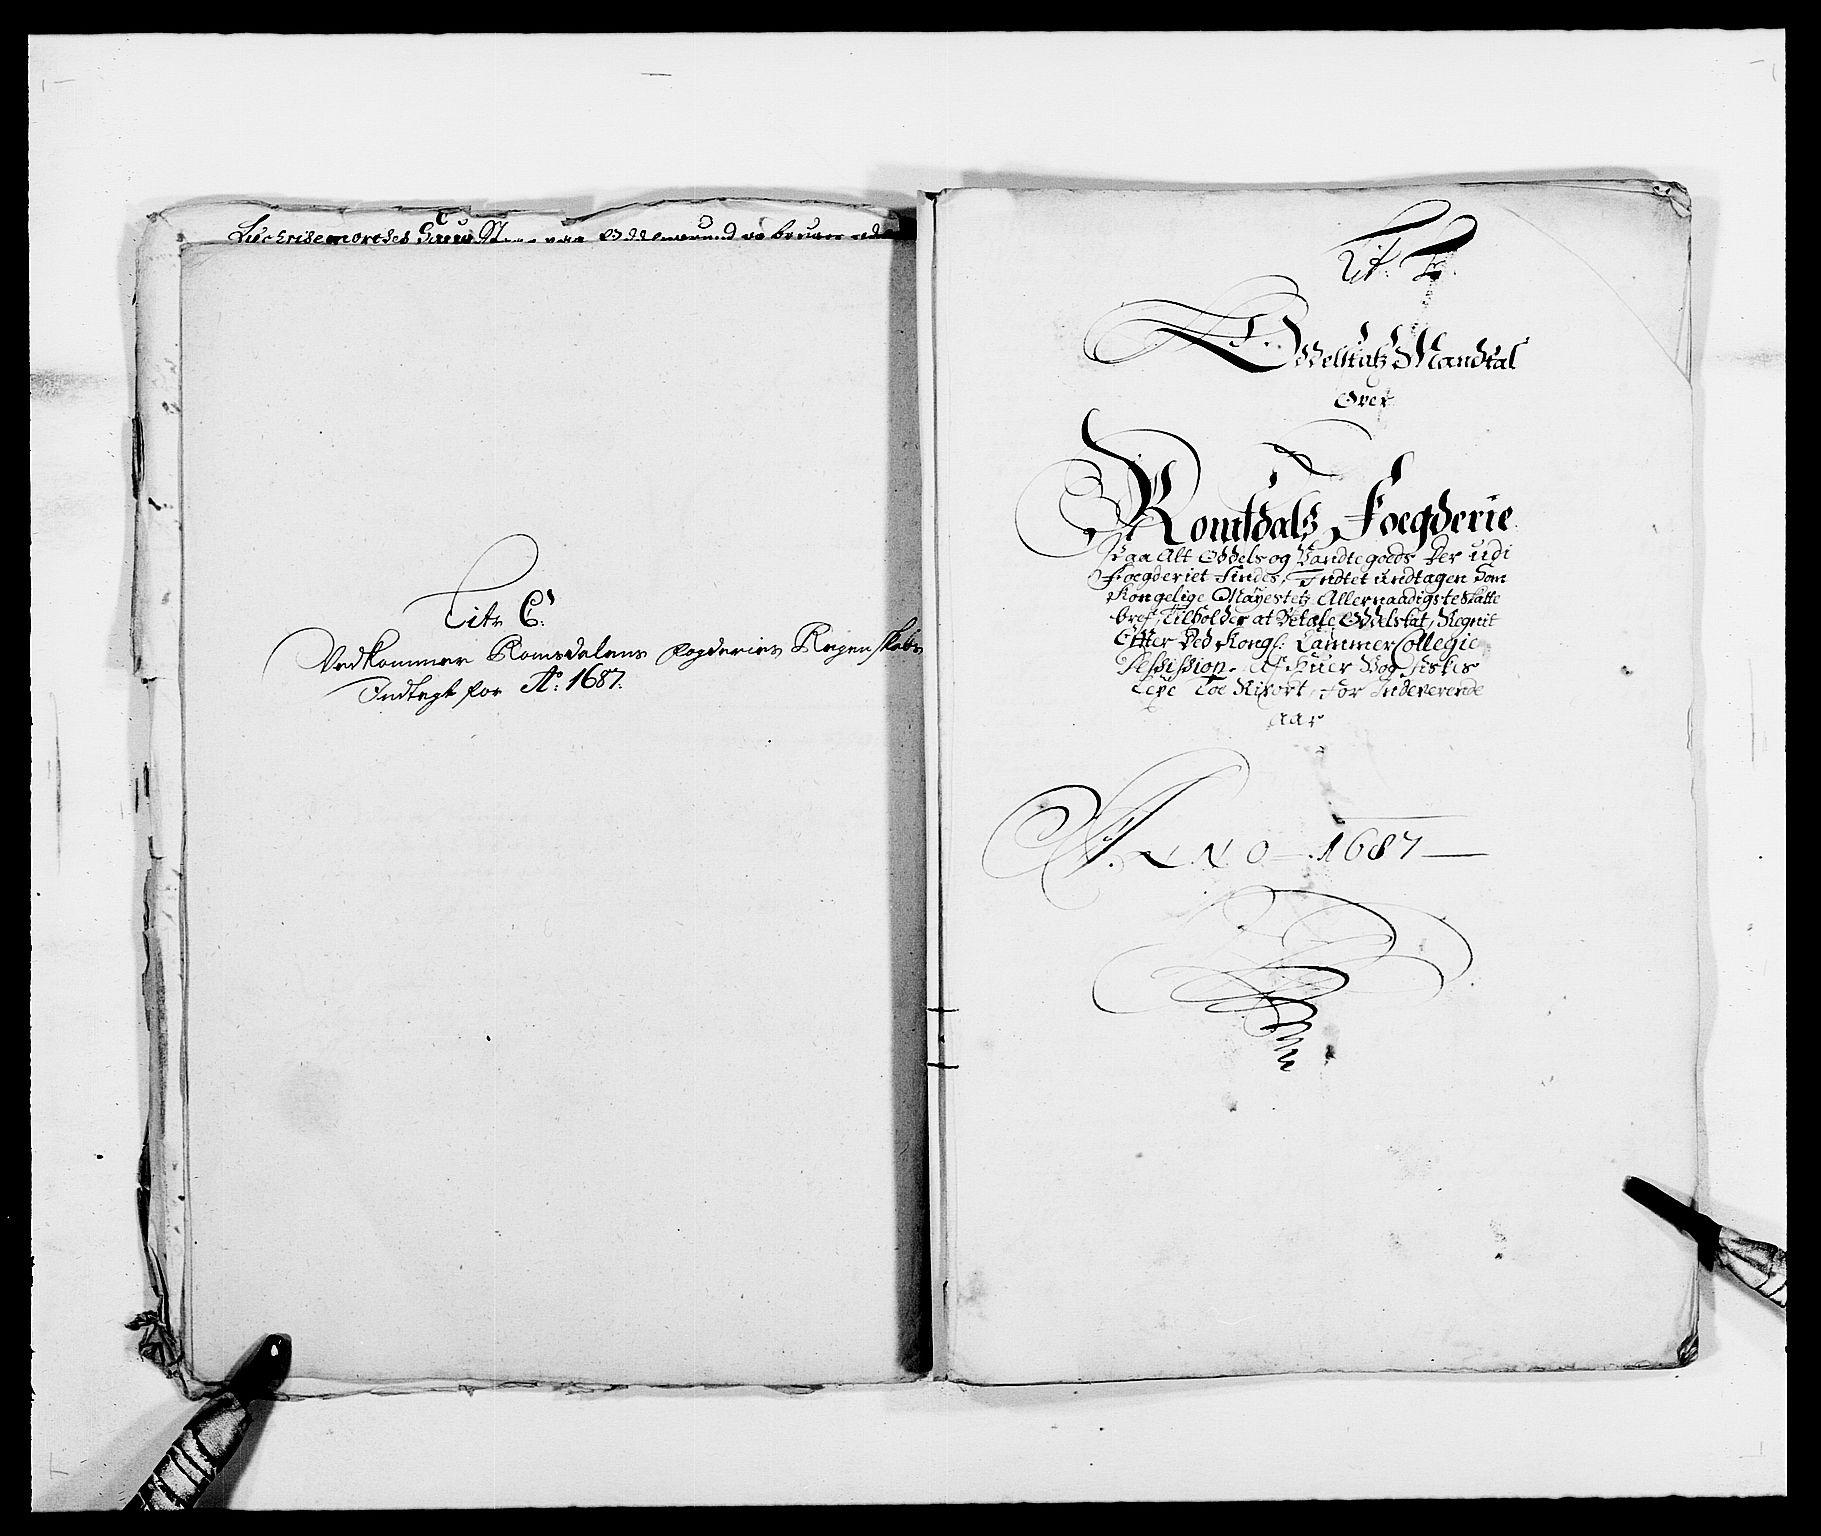 RA, Rentekammeret inntil 1814, Reviderte regnskaper, Fogderegnskap, R55/L3648: Fogderegnskap Romsdal, 1687-1689, s. 71